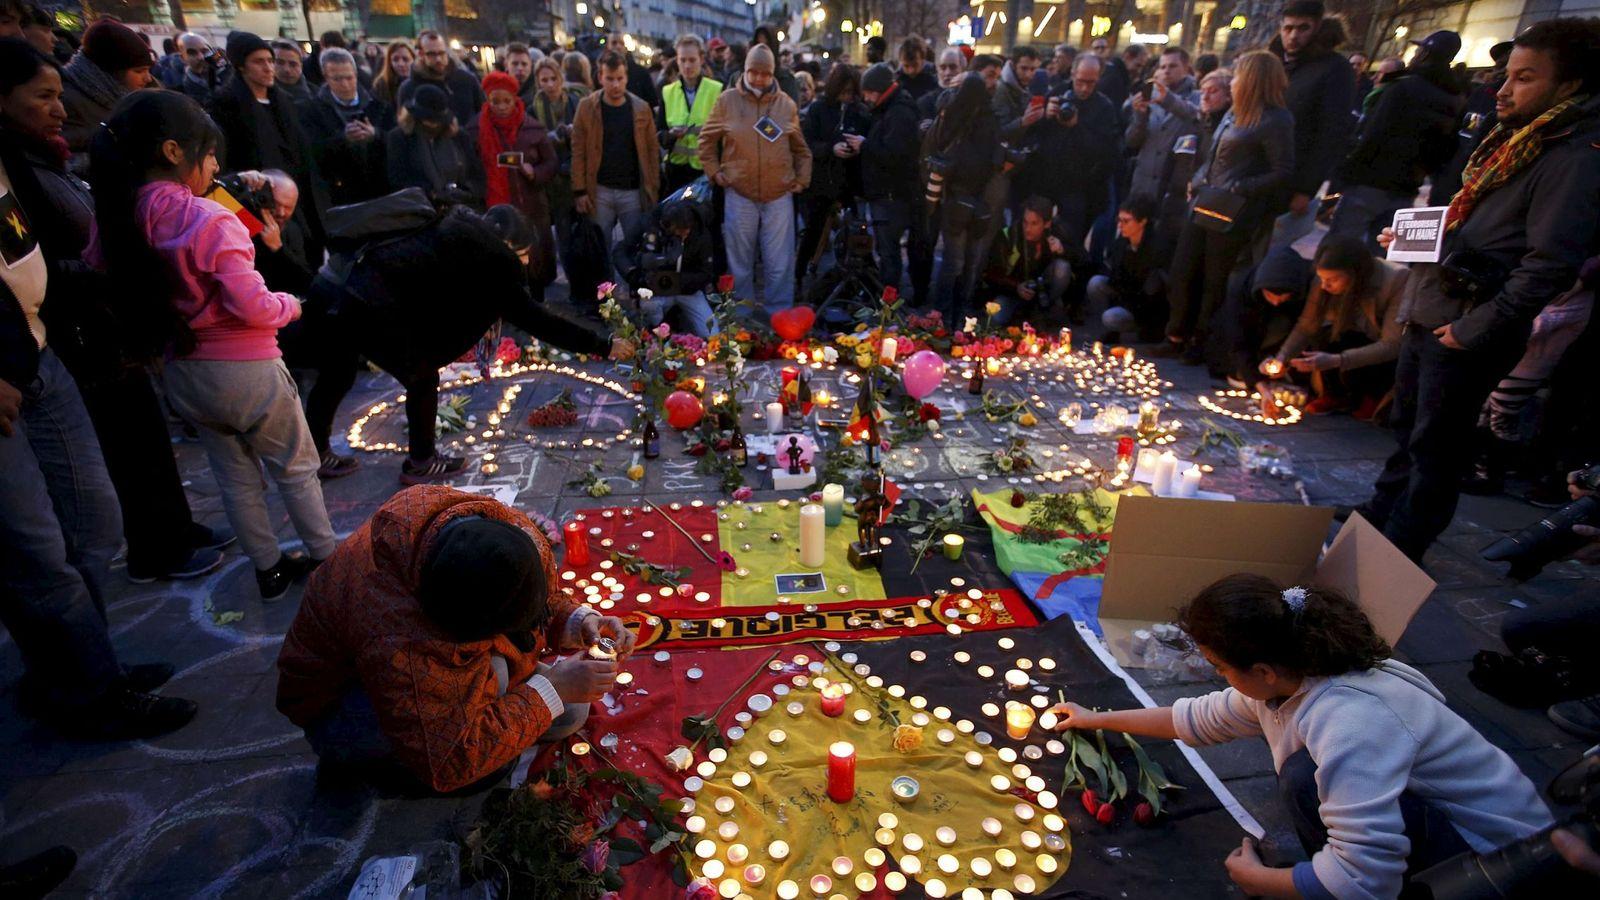 Foto: Belgas durante un homenaje improvisado a las víctimas de los atentados de Bruselas, en la capital belga, el 22 de marzo de 2016 (Reuters).